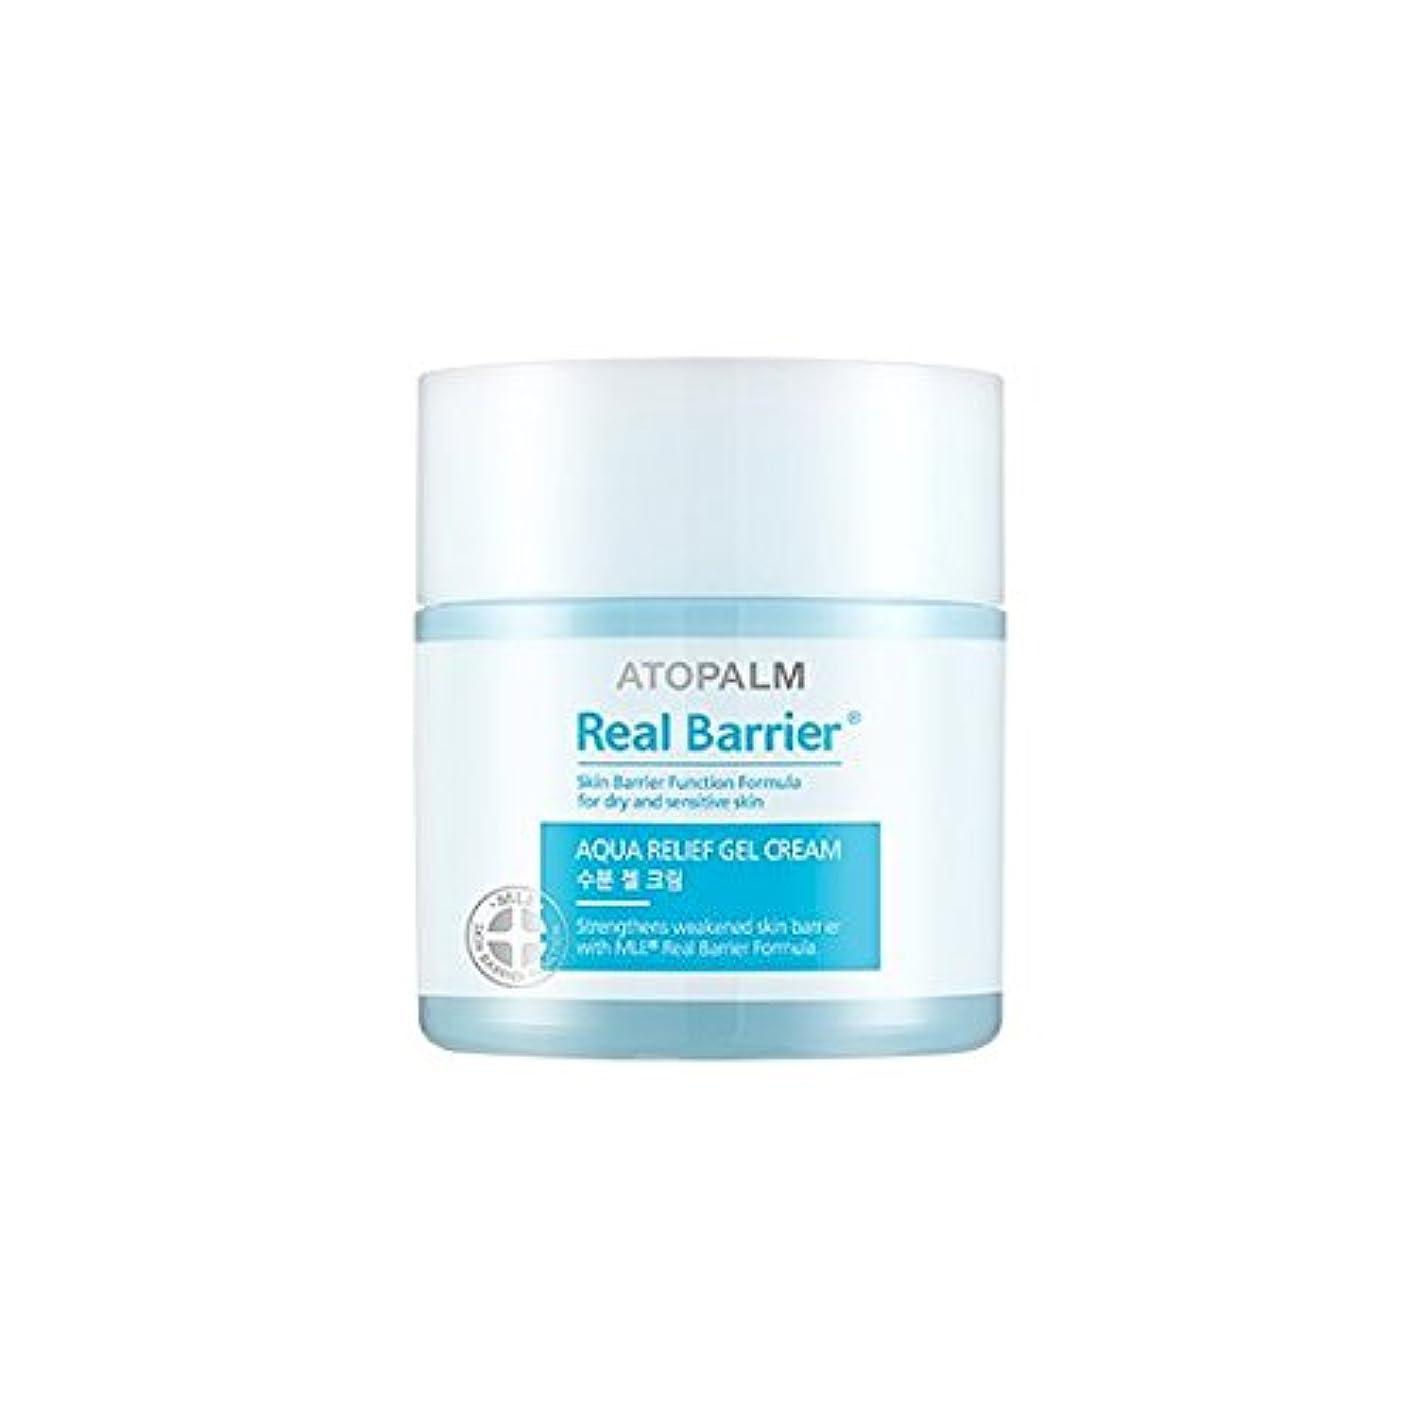 台風ポスト印象派うぬぼれATOPALM Real Barrier Aqua Relief Gel Cream 50ml/アトパーム リアル バリア アクア リリーフ ジェル クリーム 50ml [並行輸入品]